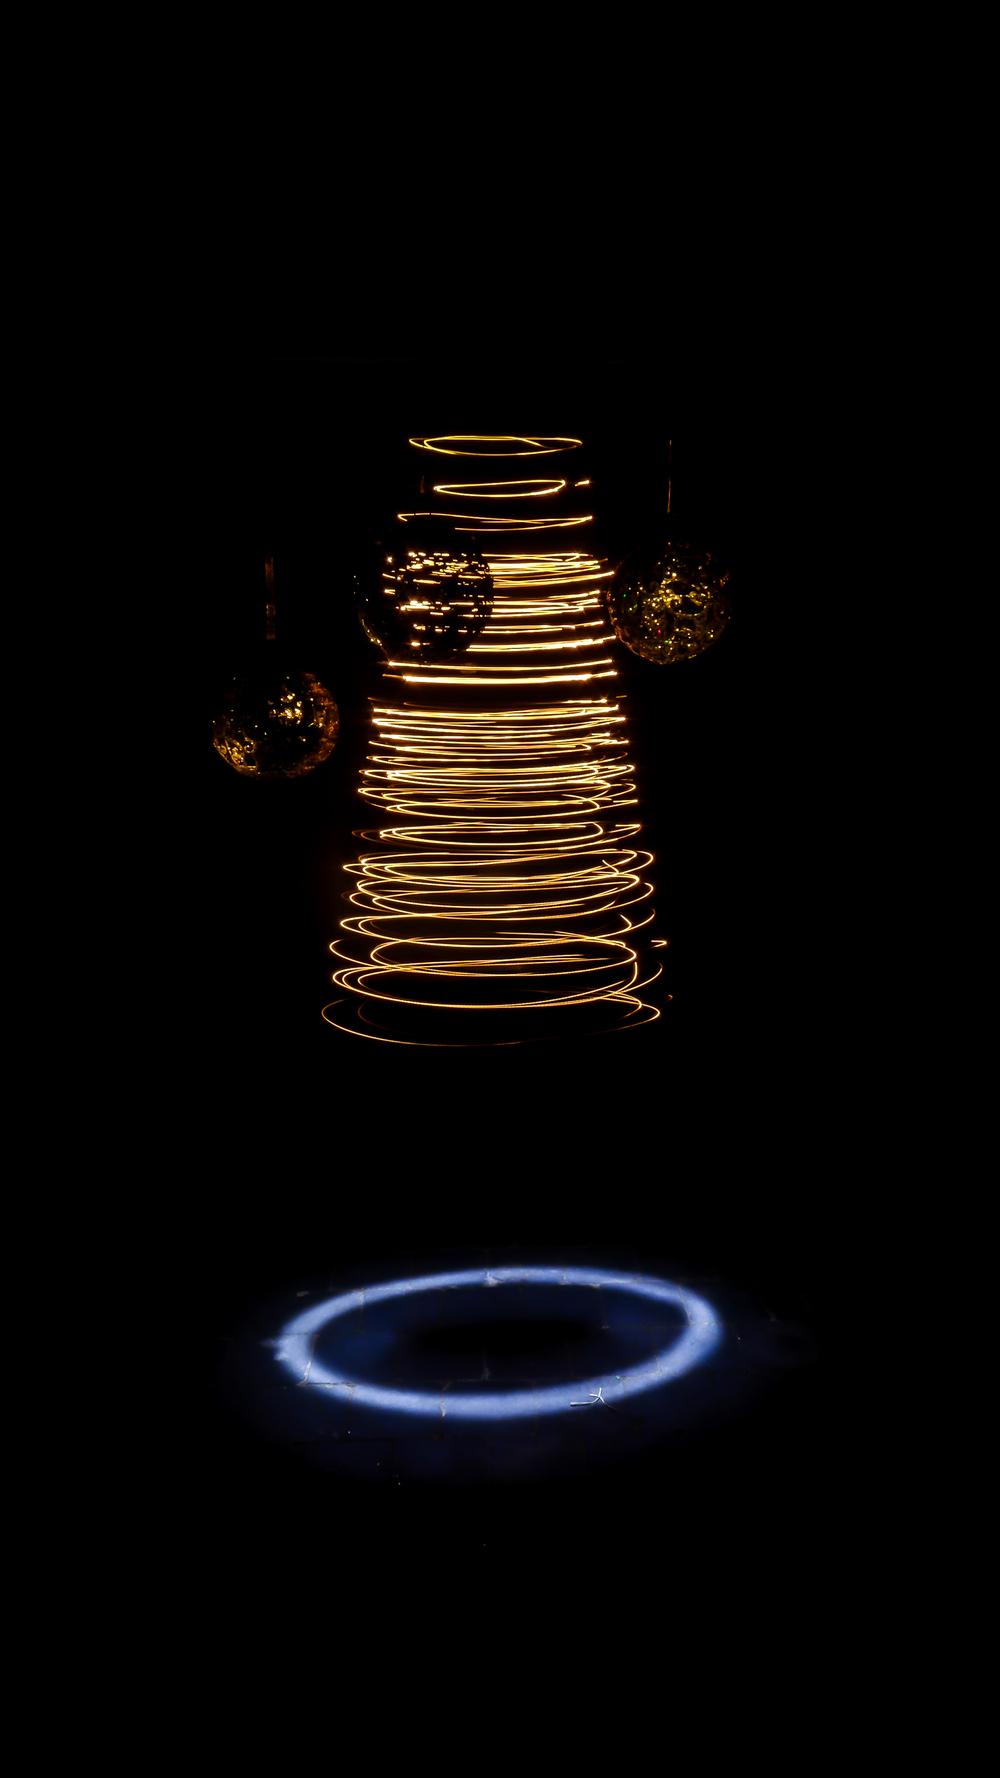 Hier hang ik een slinger van kerstverlichting aan het plafond. Samen met enkele kerstbollen. Geef een draai aan de slinger en je krijgt een fictieve kerstboom. Onderaan de slinger hang ik een pillicht. Dat zorgt voor een speciale toets aan de foto. Te gebruiken als originele kerstfoto?